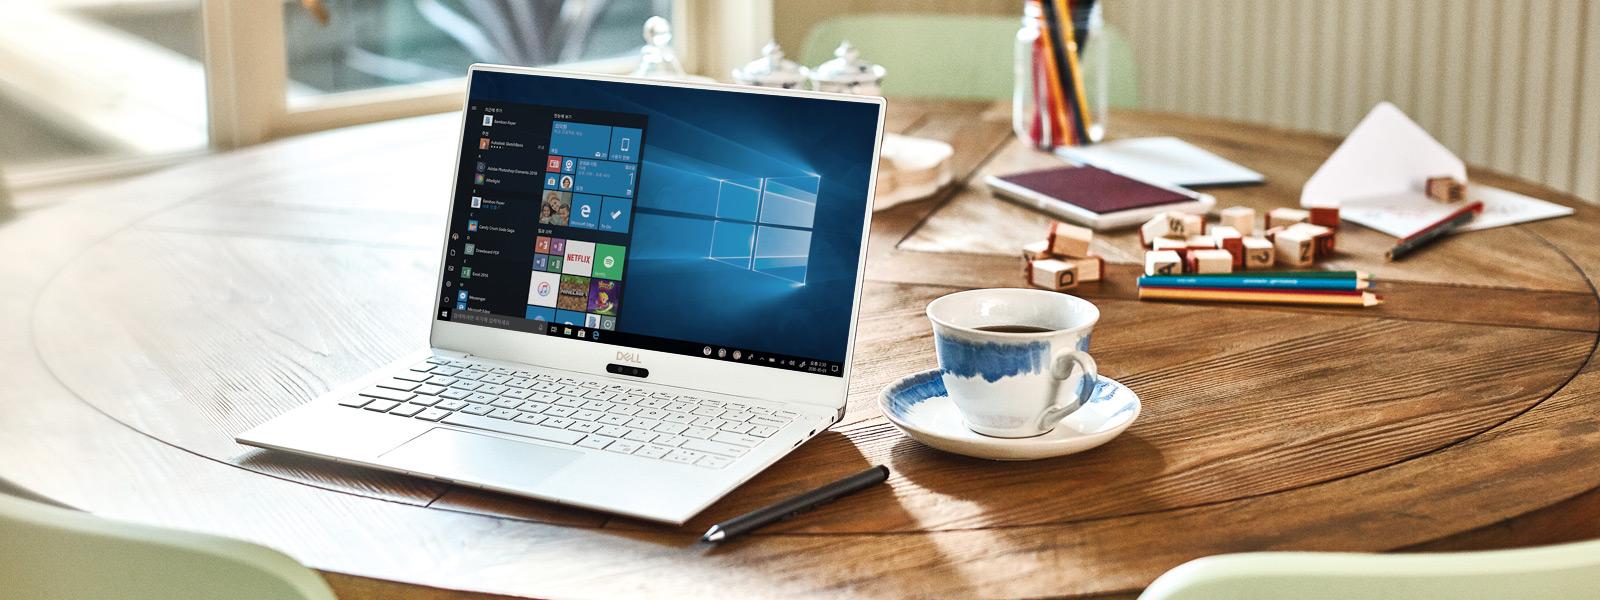 Windows 10 시작 화면이 표시되어 열려 있는 상태로 테이블에 놓여 있는 Dell XPS 13 9370